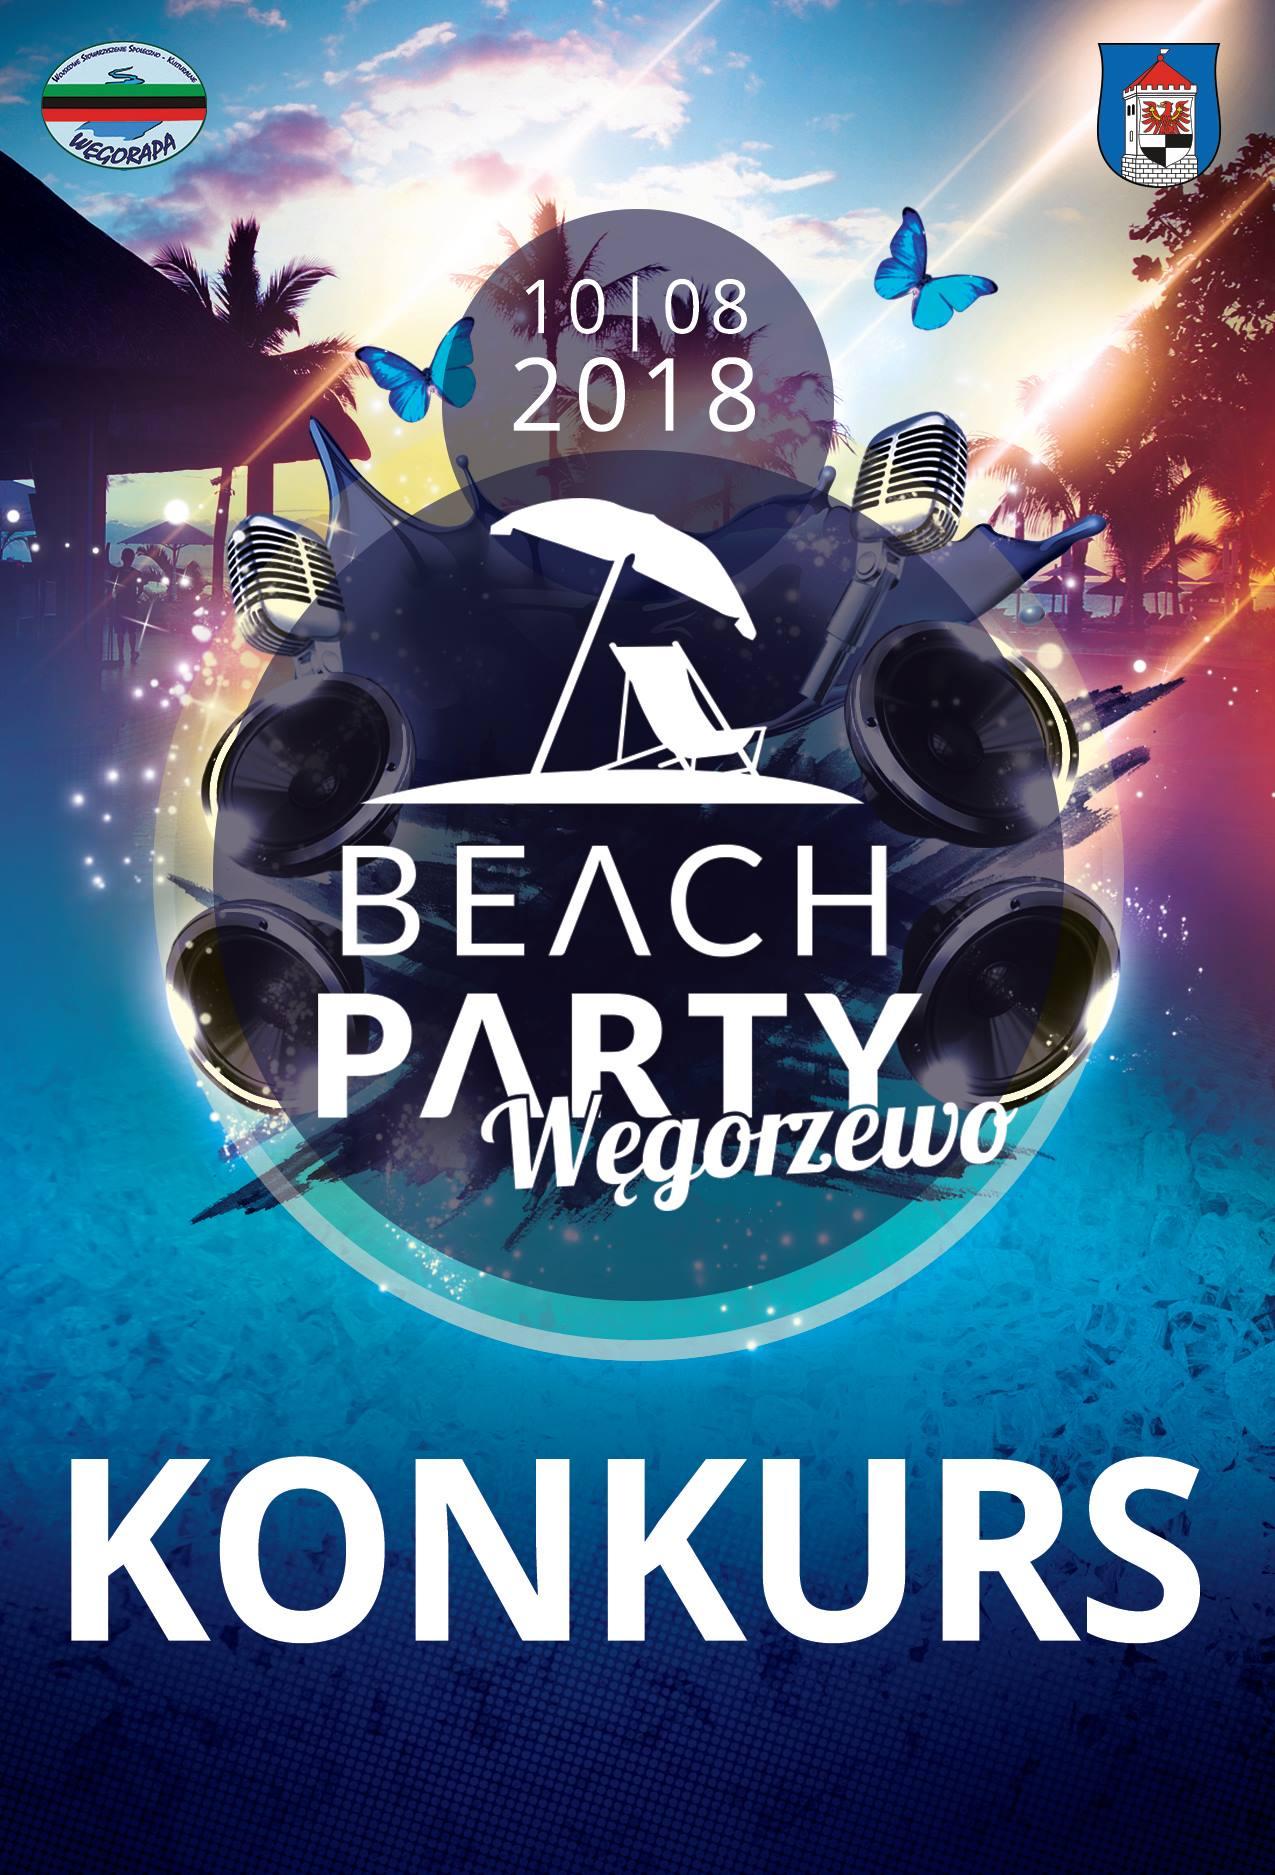 dj contest beach party wegorzewo 2018 mazury event quiz hazel impreza jeziora